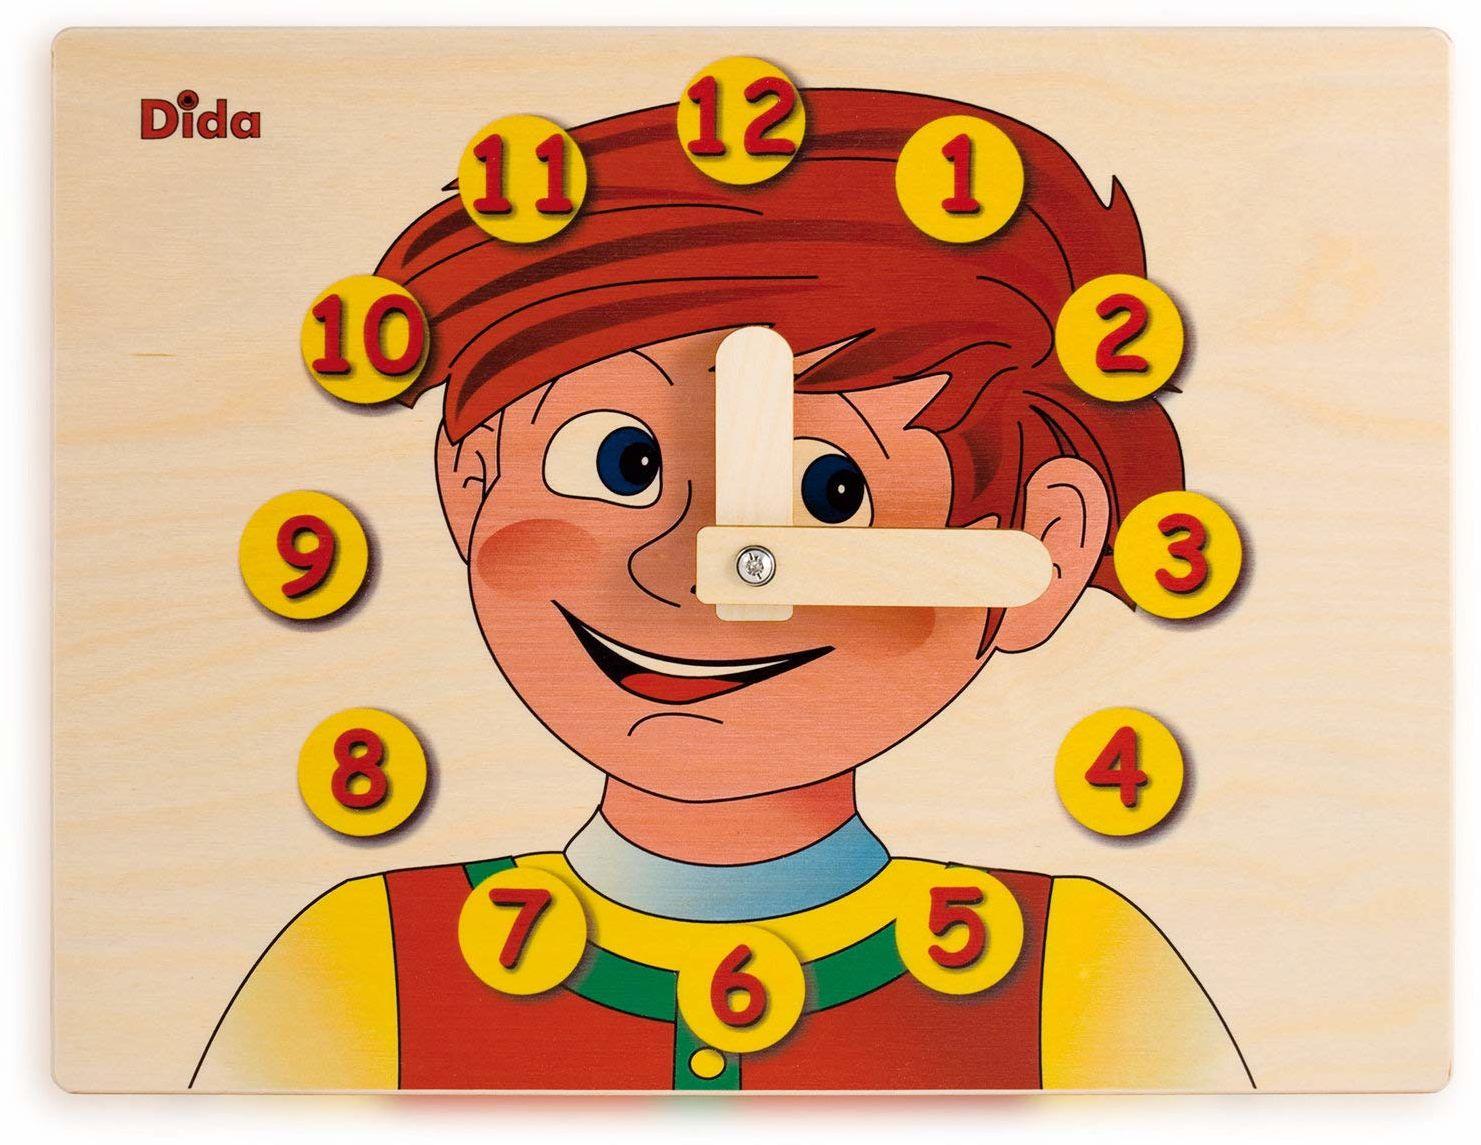 Dida - Zegarek do nauki dla dzieci - młoda twarz - zabawny zegar do nauki dzieci, z drewna, do przedszkola, szkoły i domu